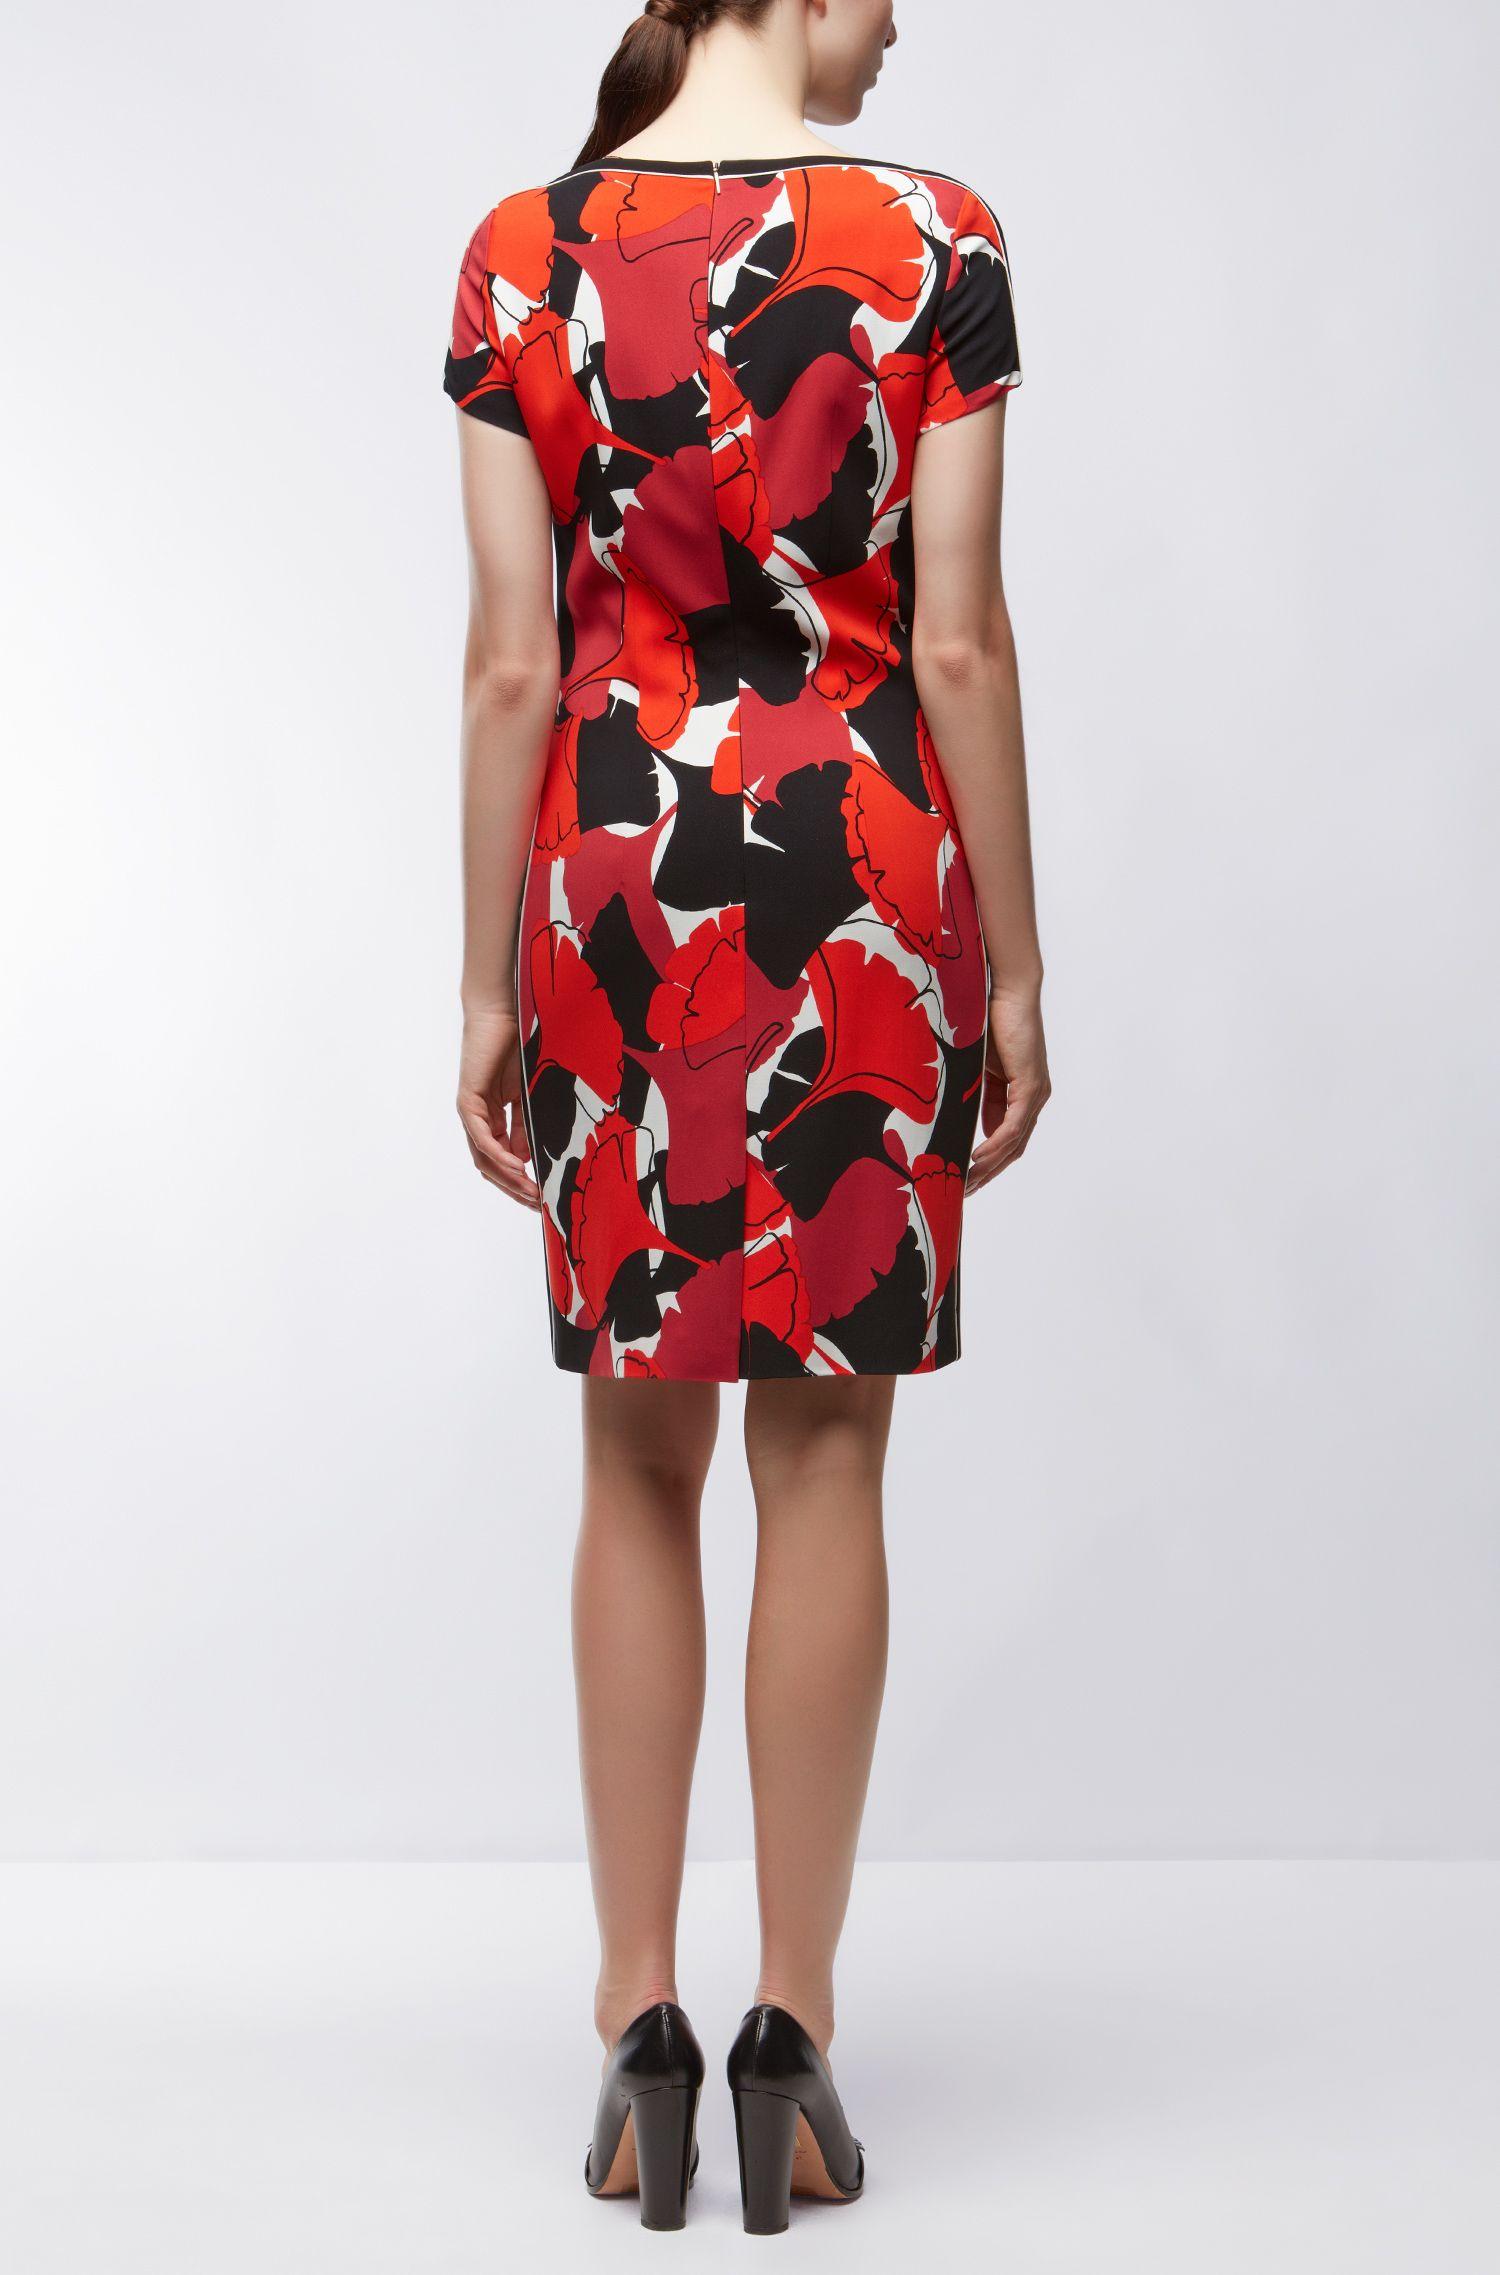 Gingko Print Stretch Viscose Sheath Dress | Dakuja, Patterned